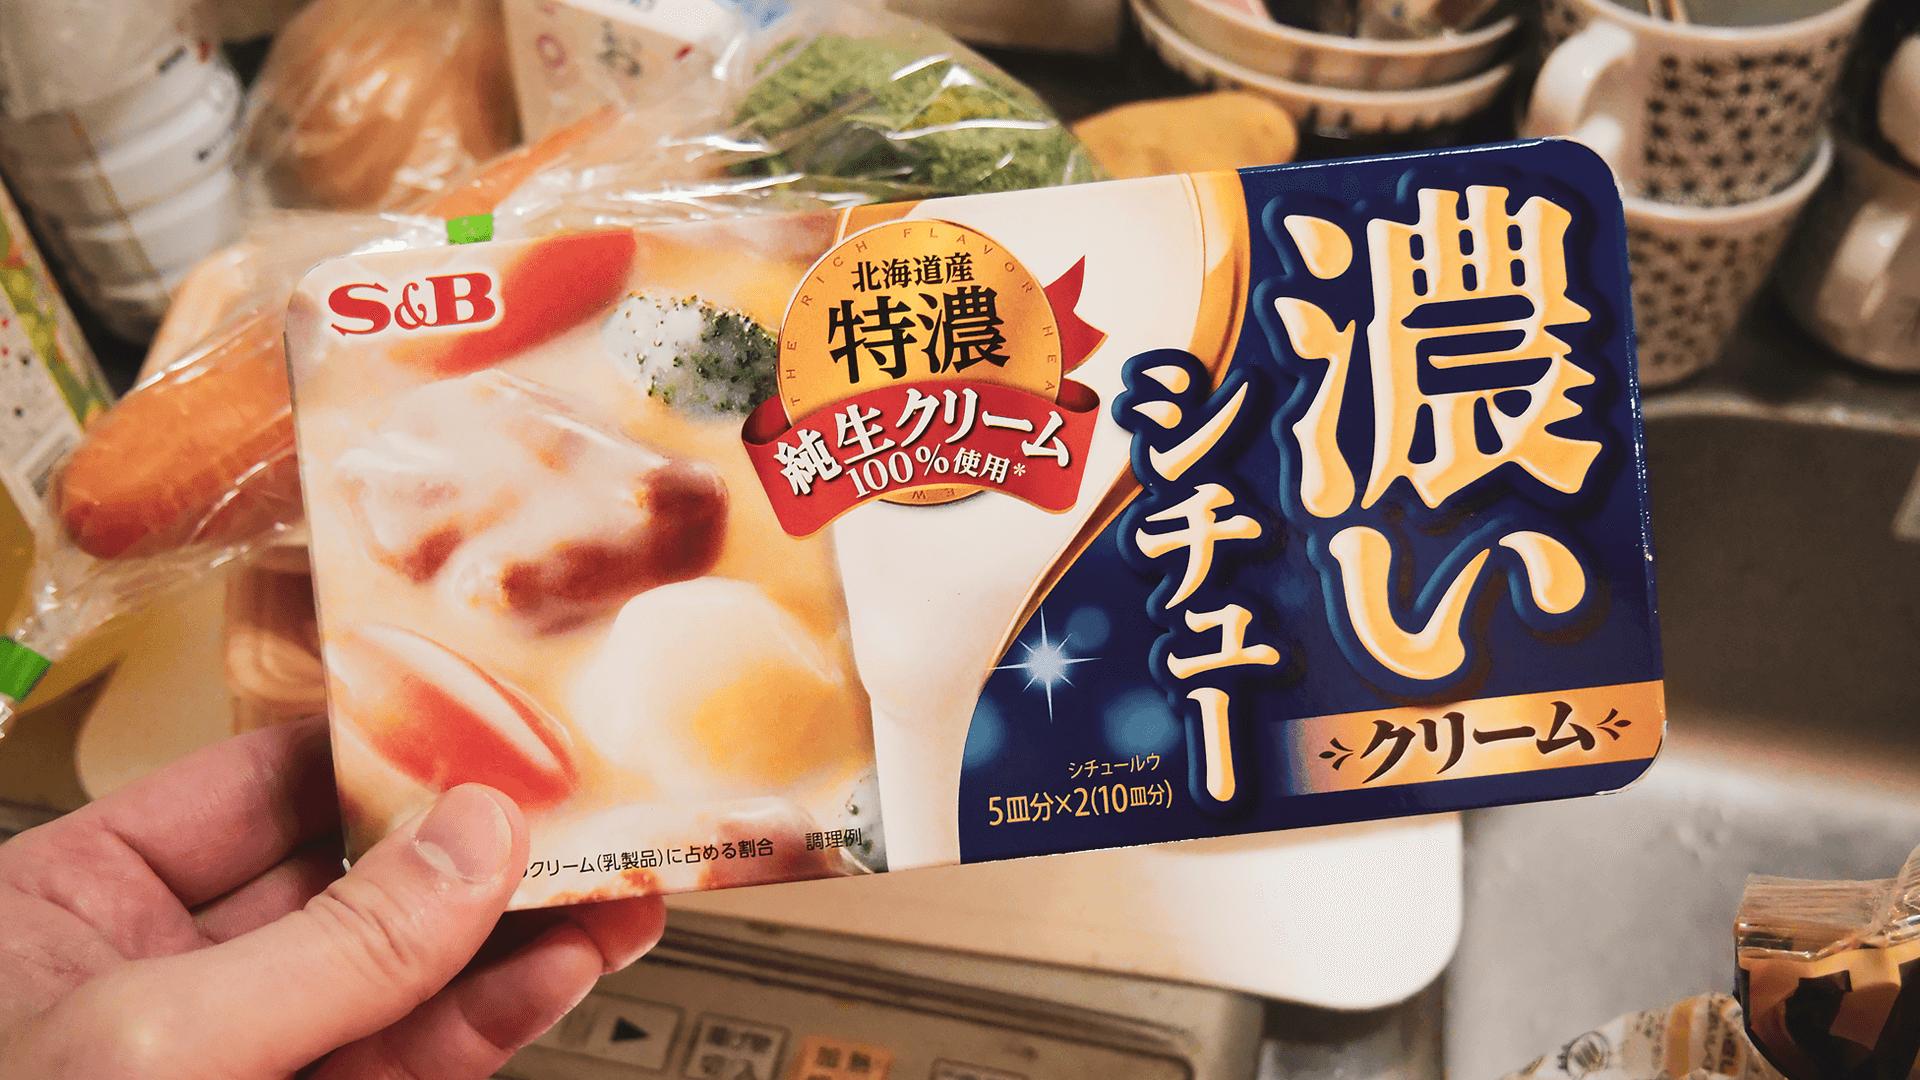 今回はクリームシチューづくりに挑戦。だんだん料理が好きになってきた